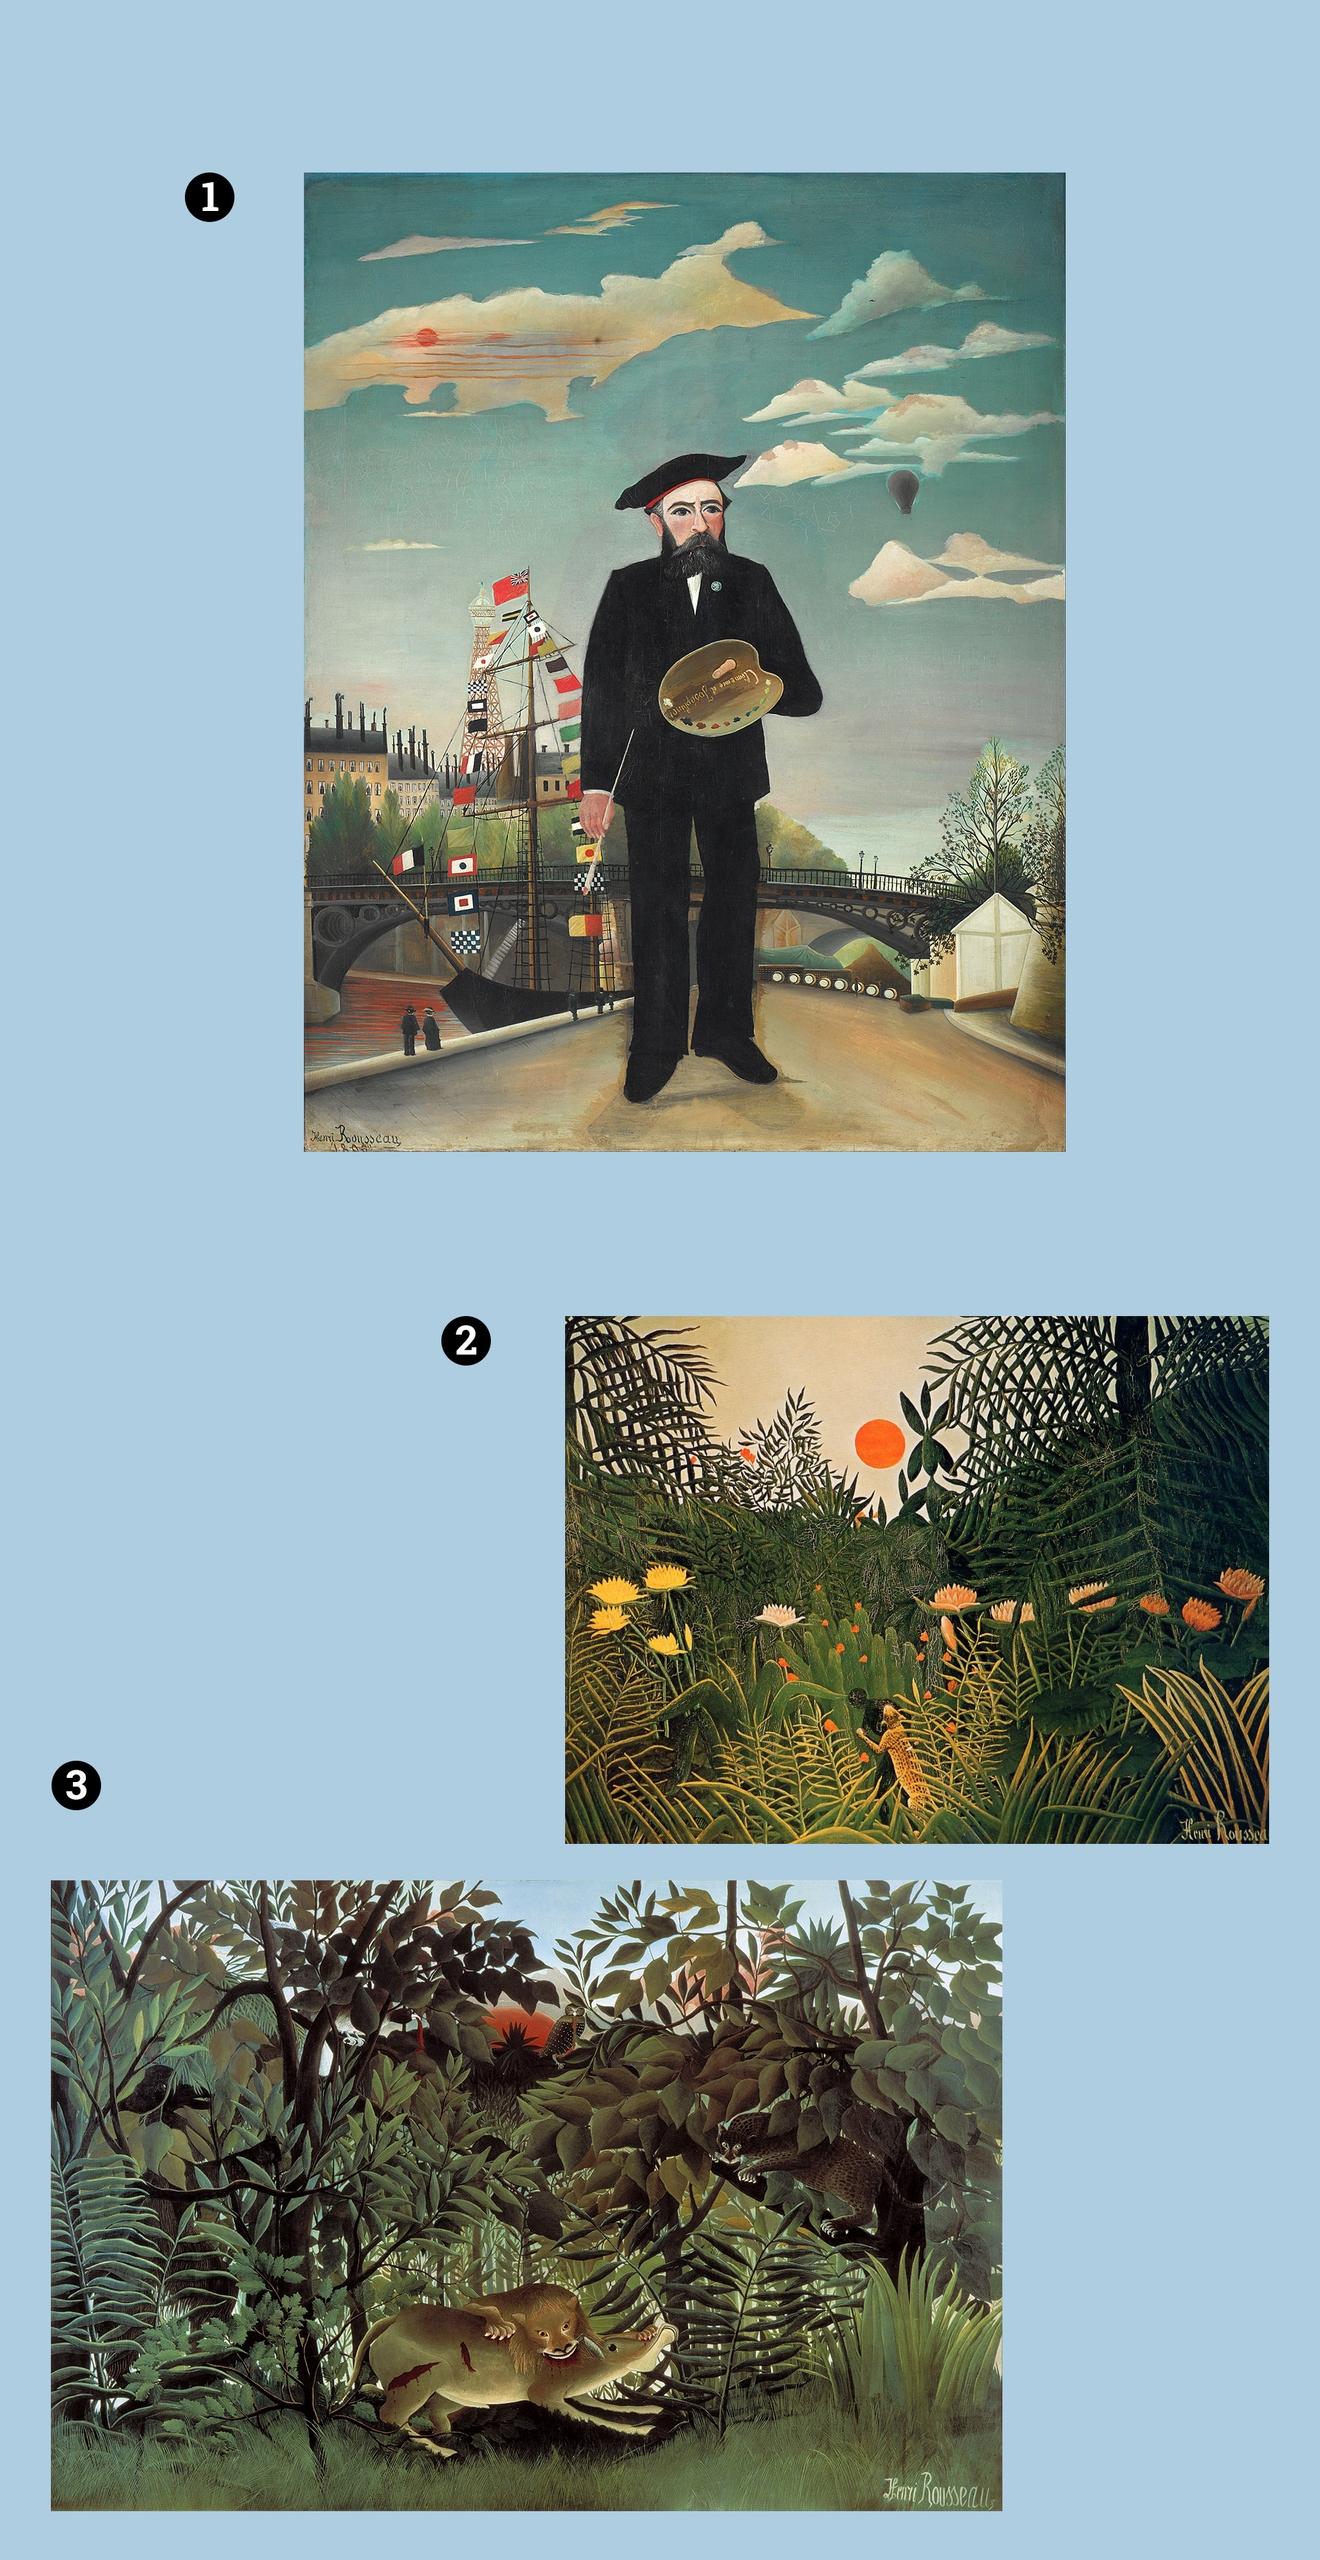 Obraz przedstawia trzy zdjęcia obrazów znanego artysty na jasno-niebieskim tle.